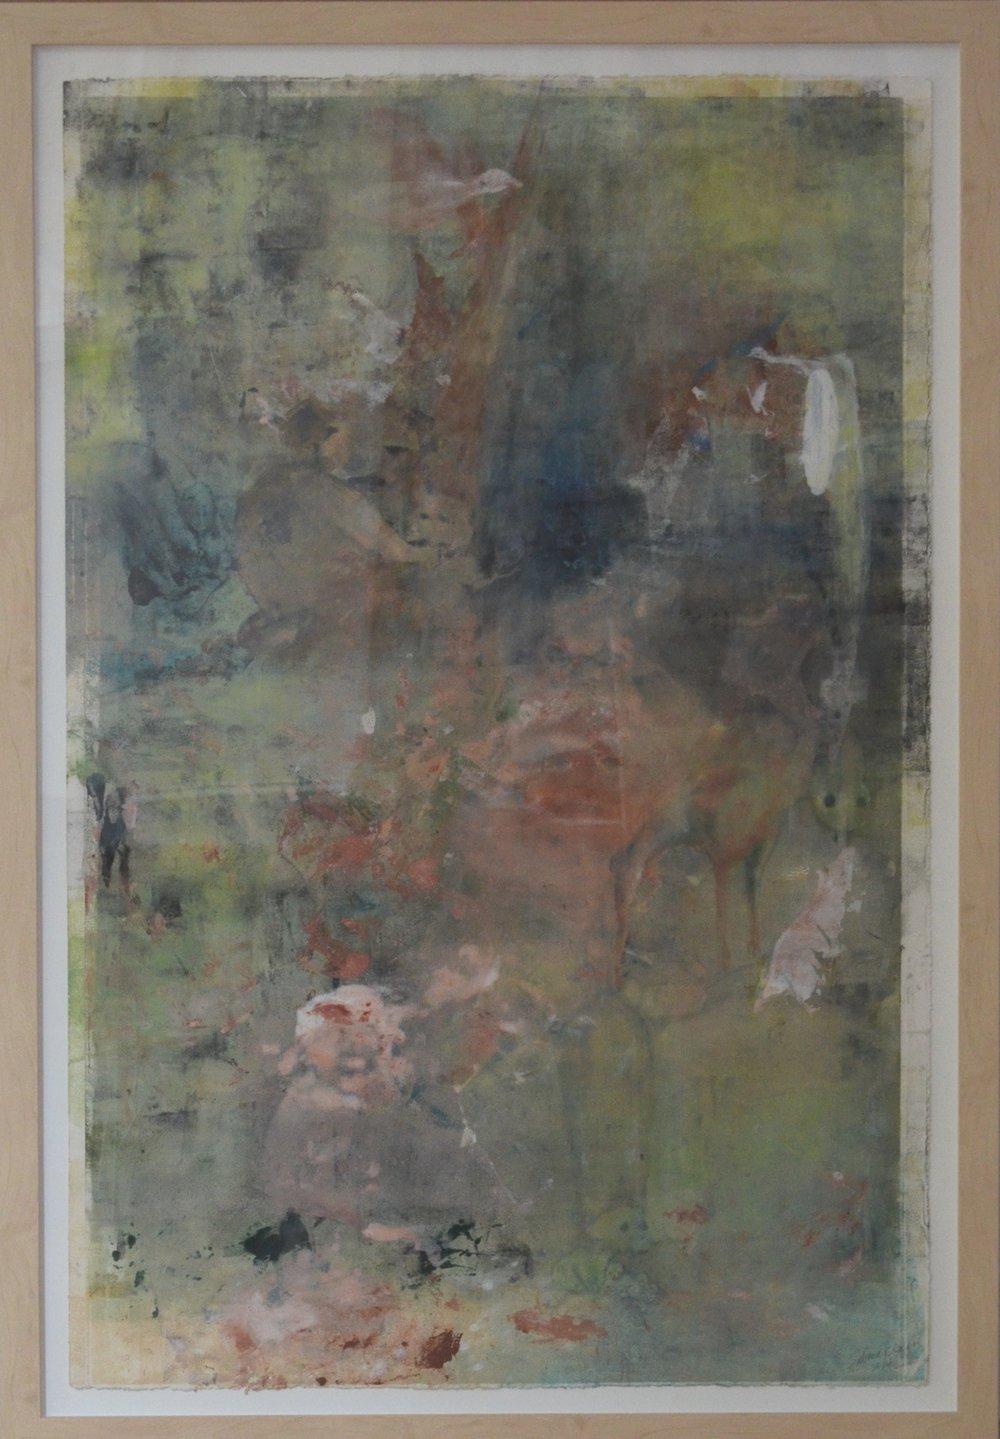 Sabina Klein - A Midsummer's Night Dream